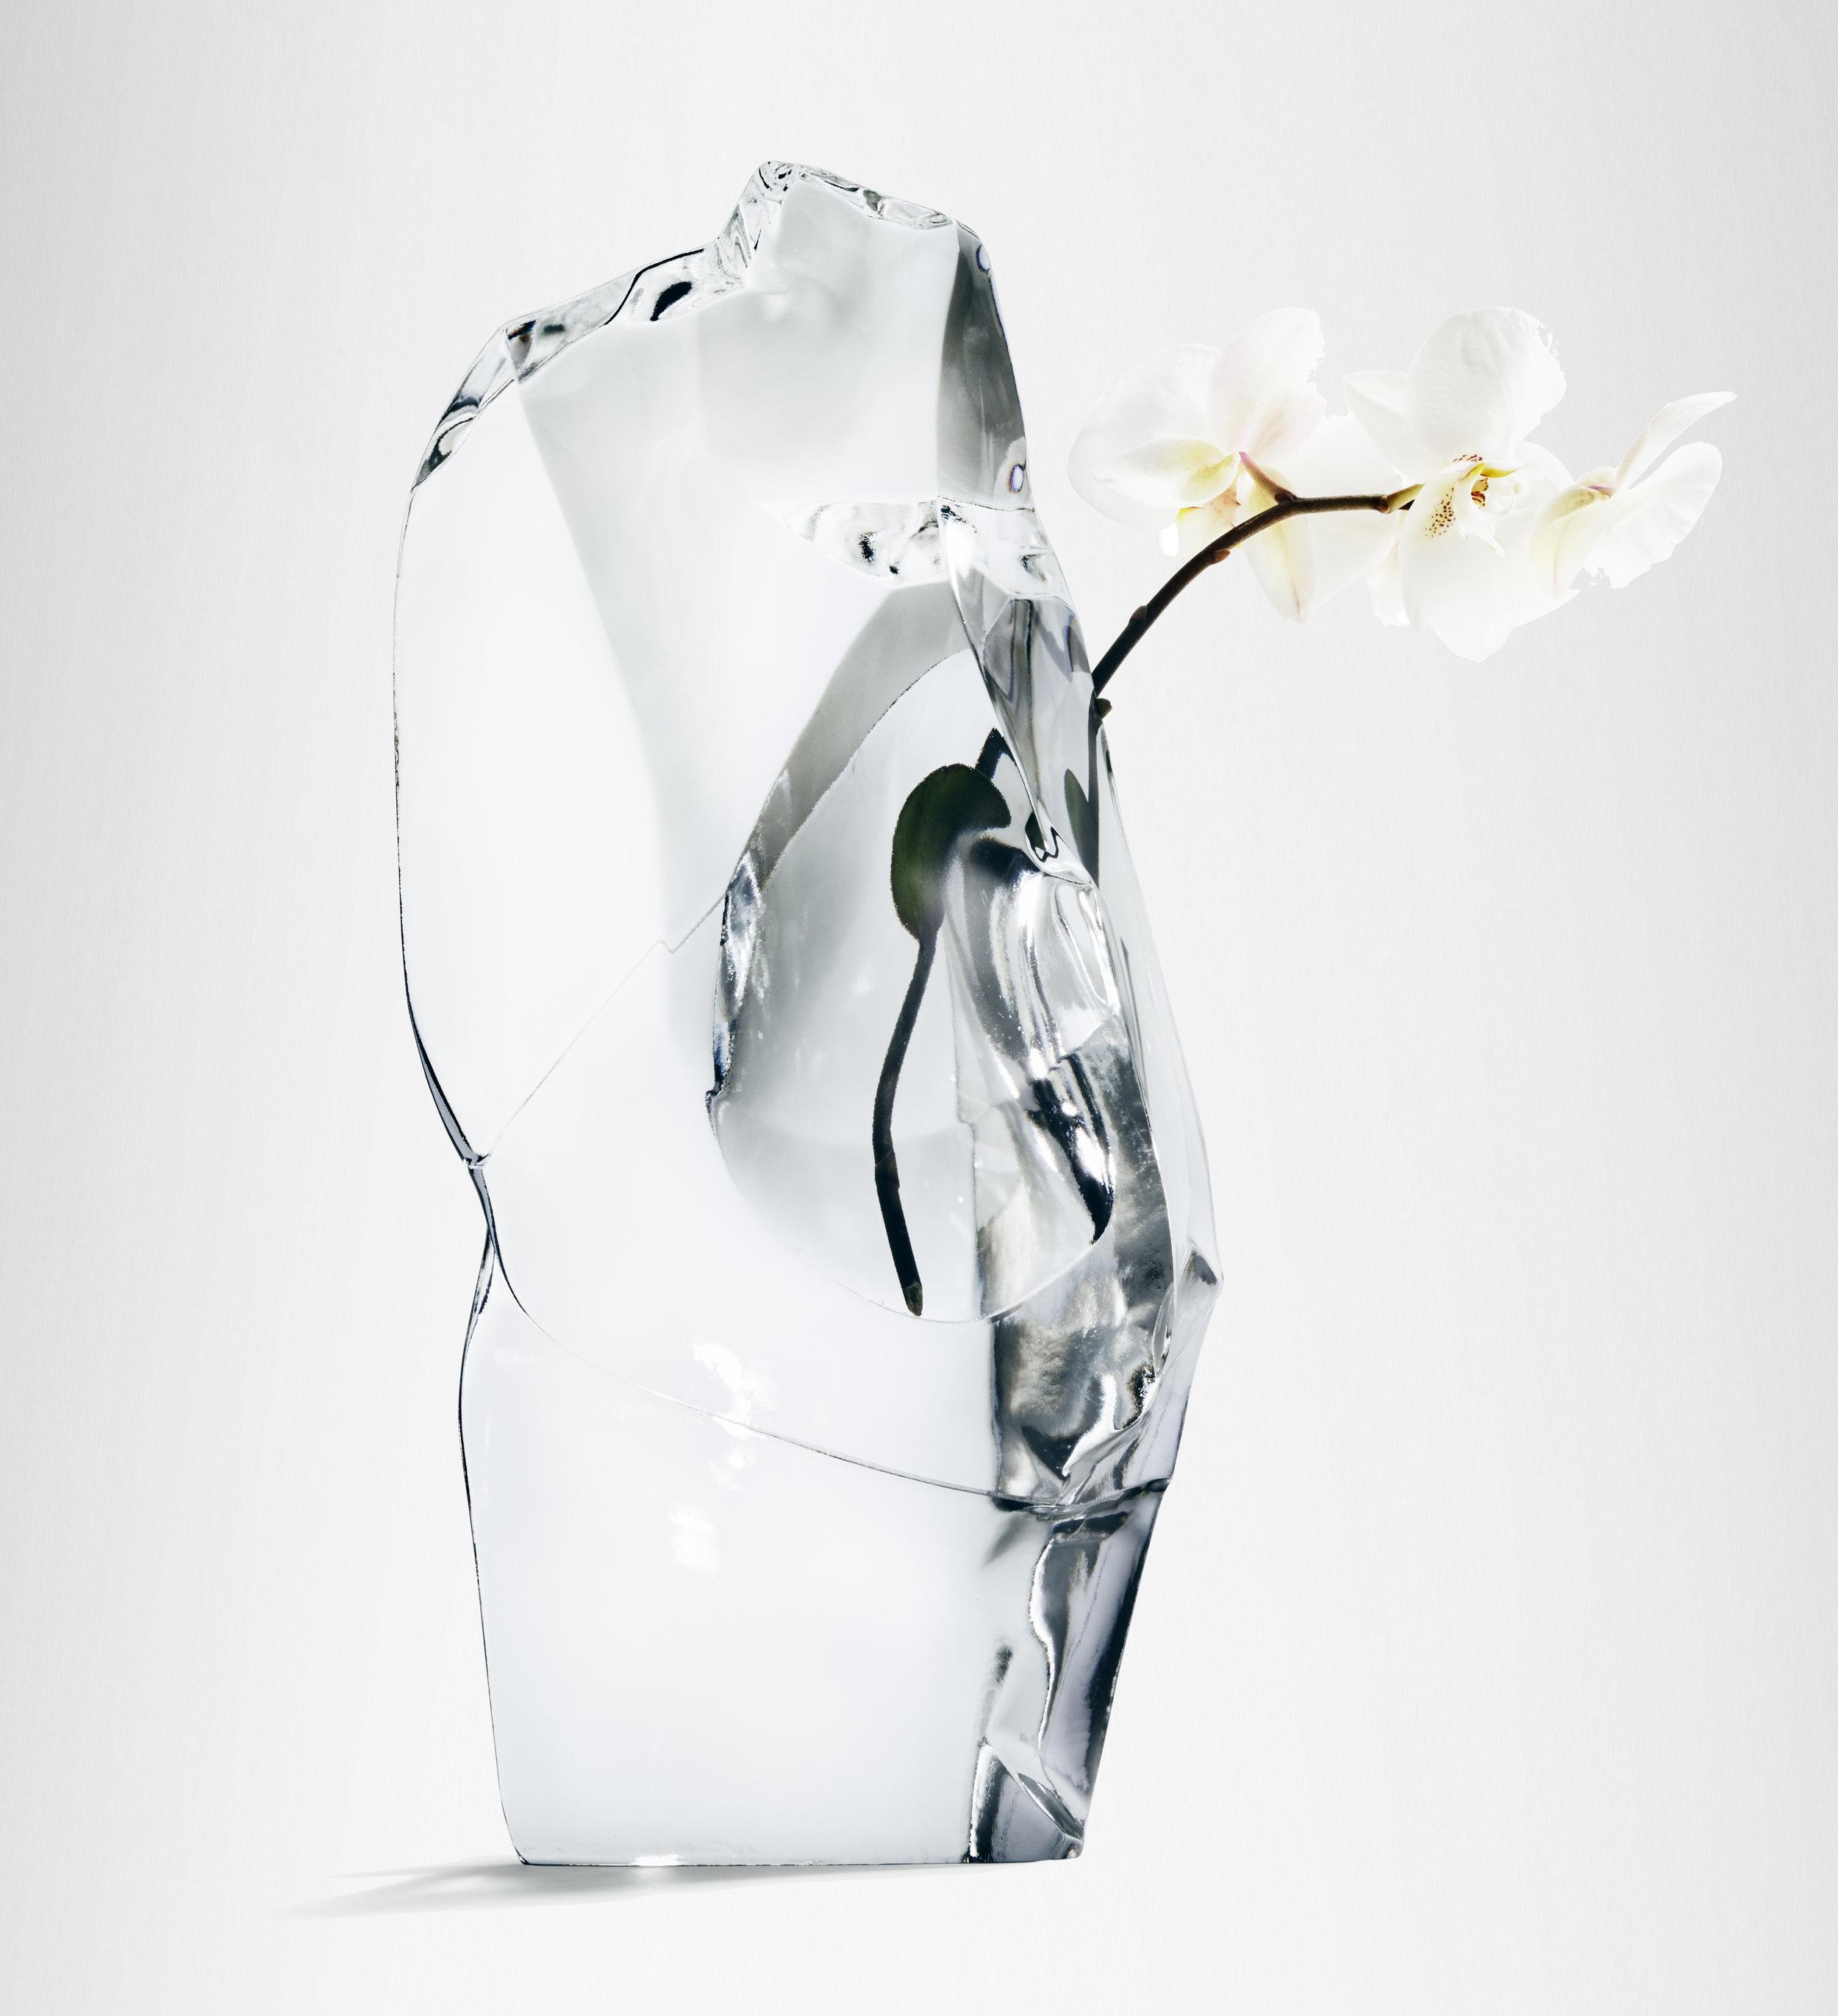 FS_Glaciarium_Orchid Vase.jpg